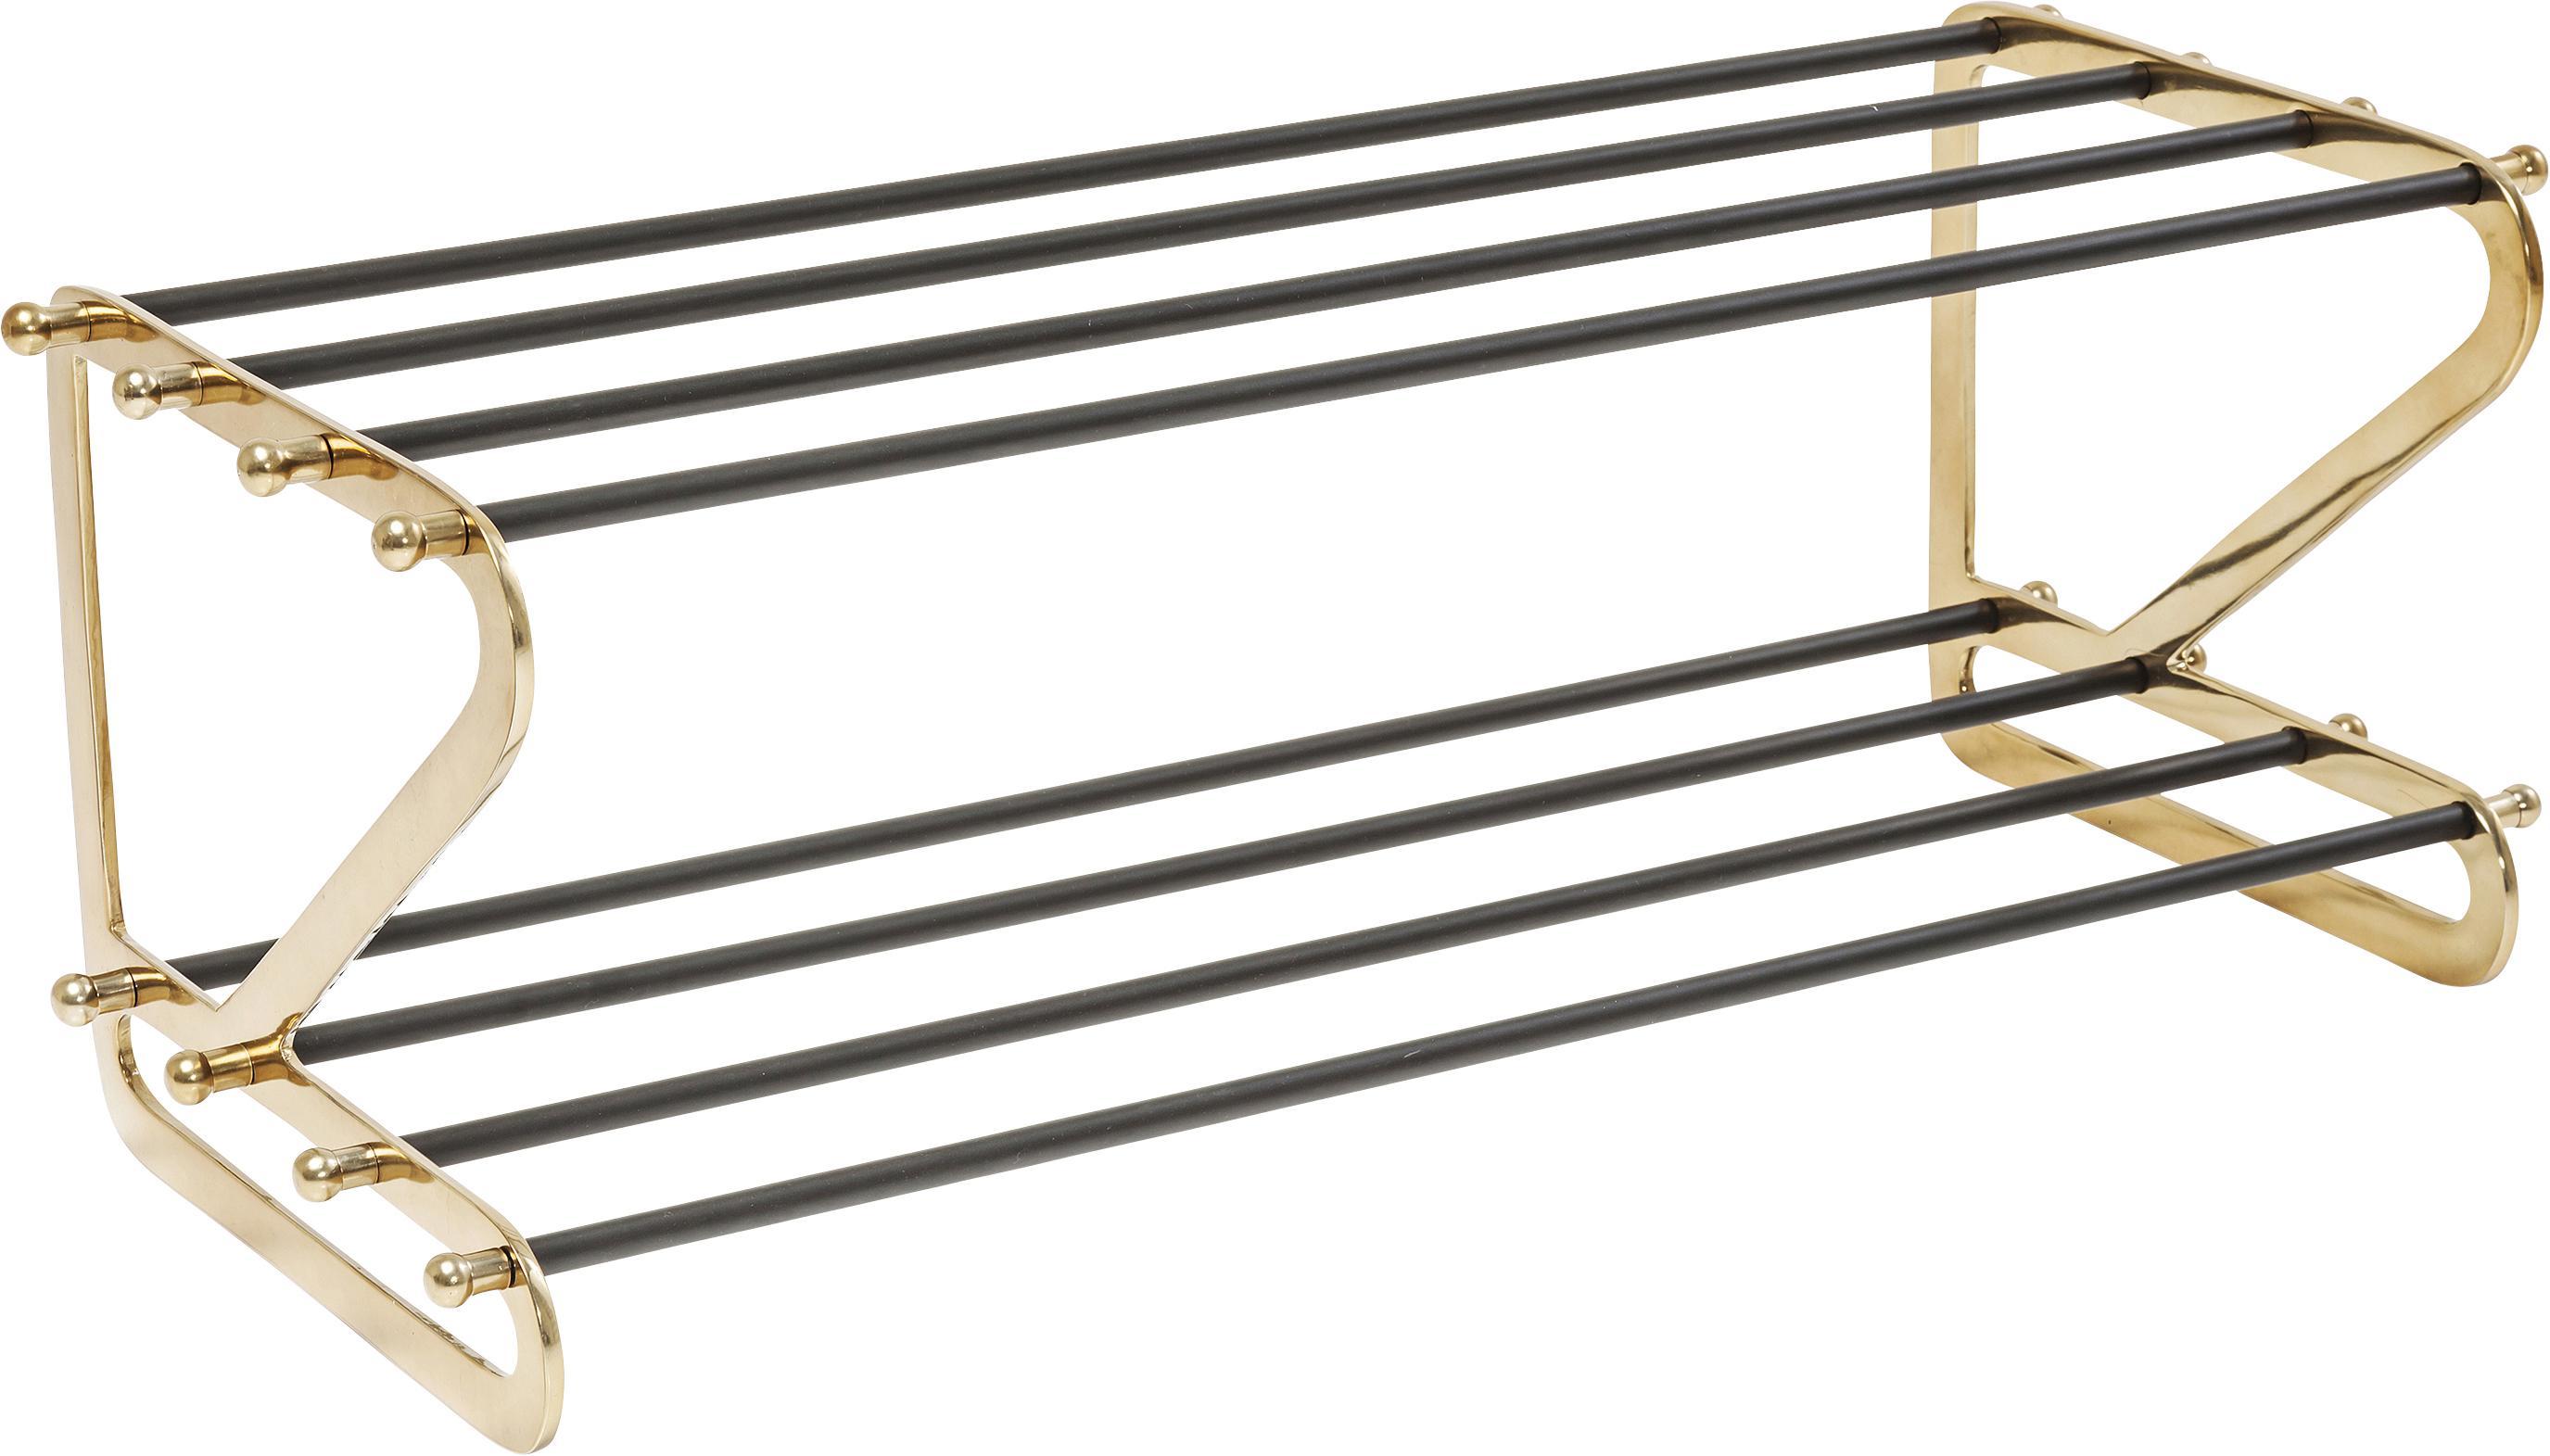 Metall-Schuhregal Walk mit 2 Ablageflächen, Gestell: Aluminium, pulverbeschich, Goldfarben, Schwarz, 84 x 34 cm